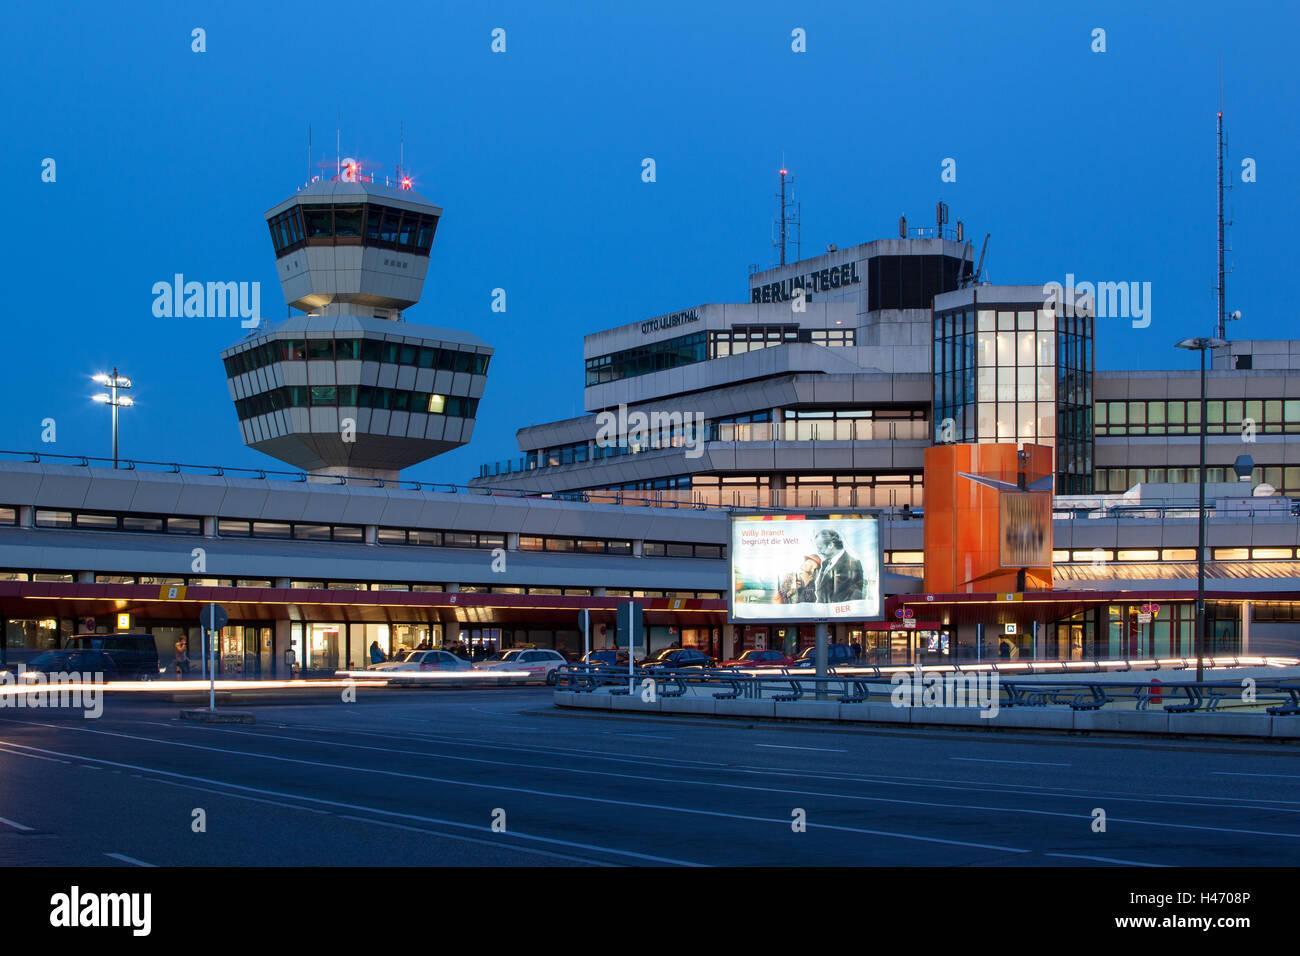 Berlin tegel otto lilienthal stock photos berlin tegel for Flughafen tegel